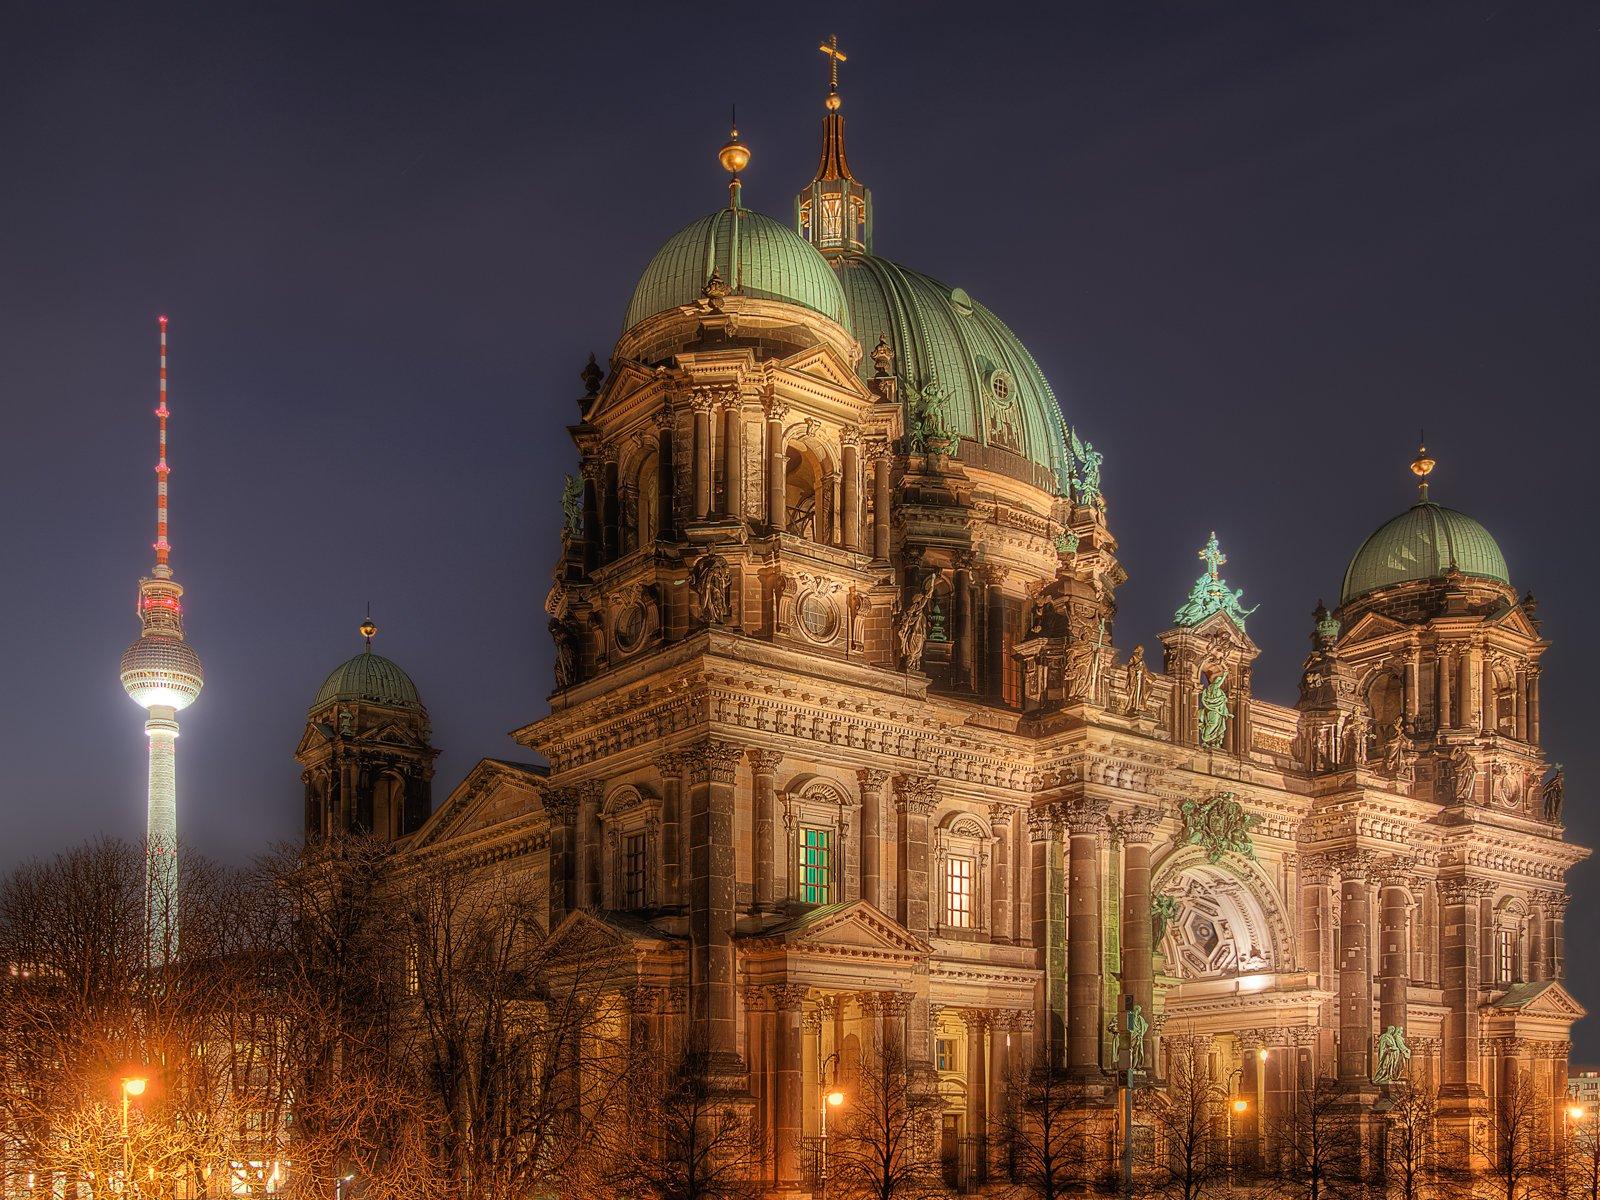 Berliner Dom und Fernsehturm am Alexanderplatz bei Nacht